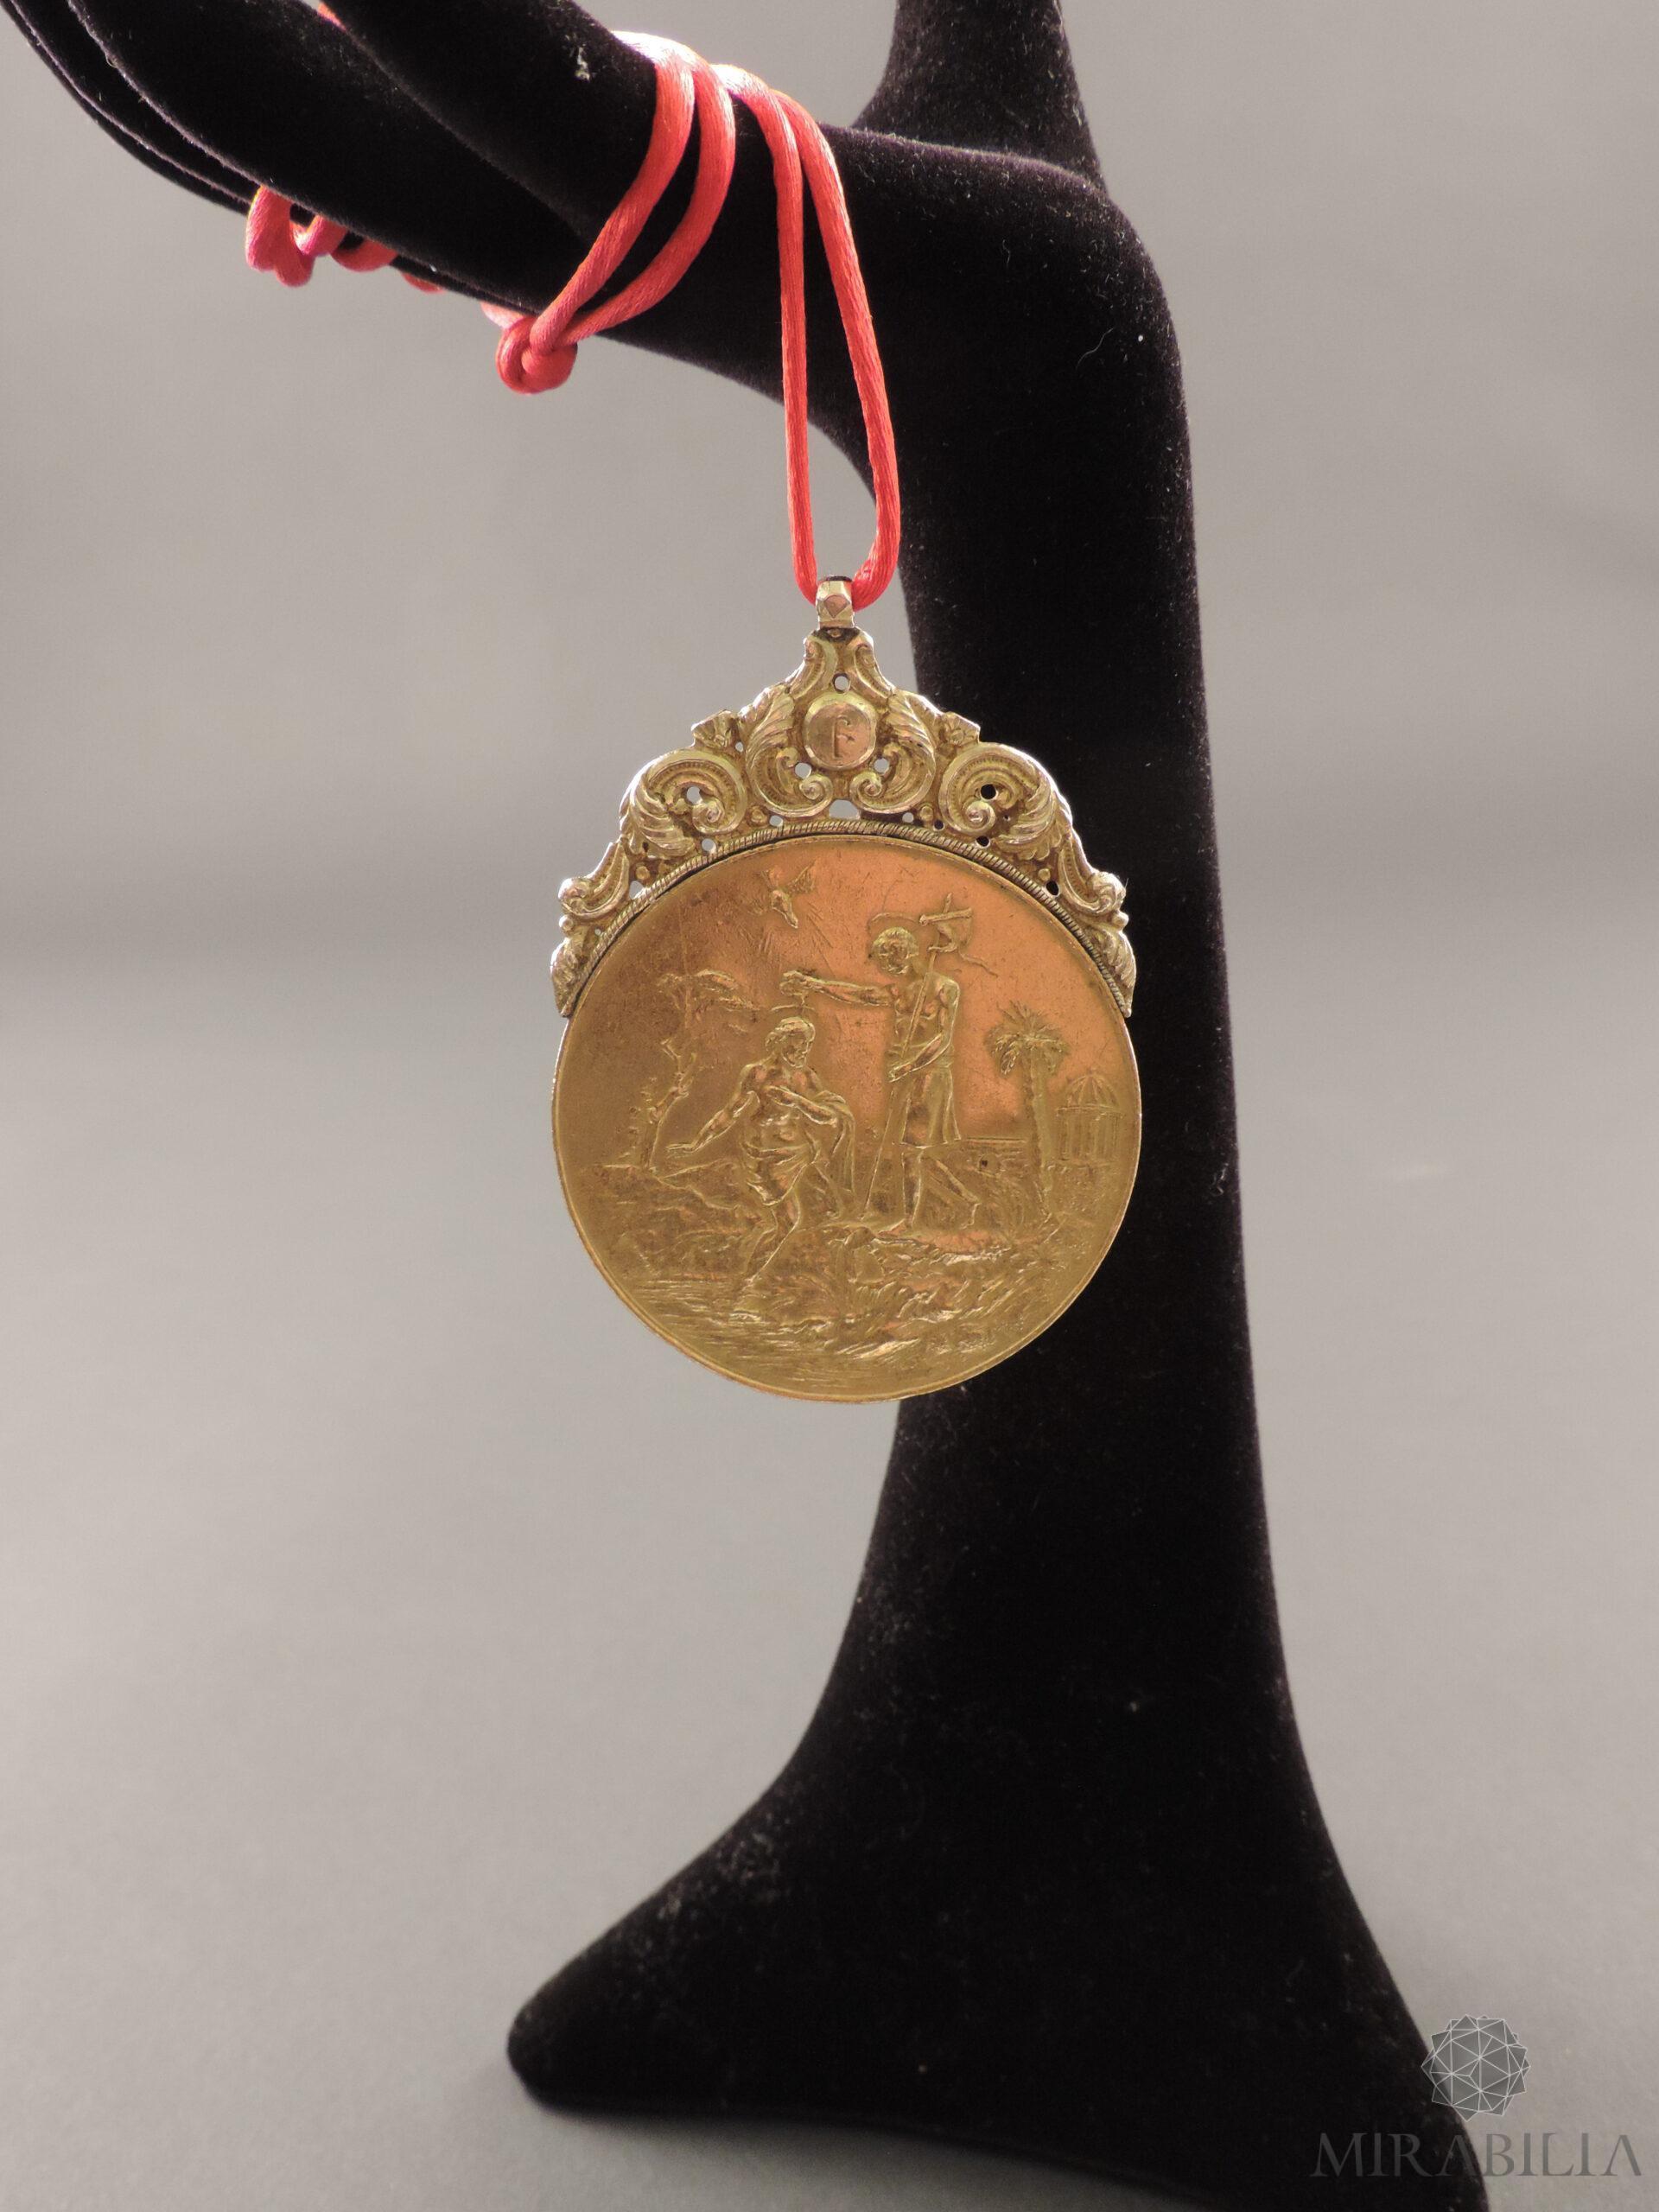 Medaglia russa in oro con tema religioso, seconda metà '700 (fronte 2)